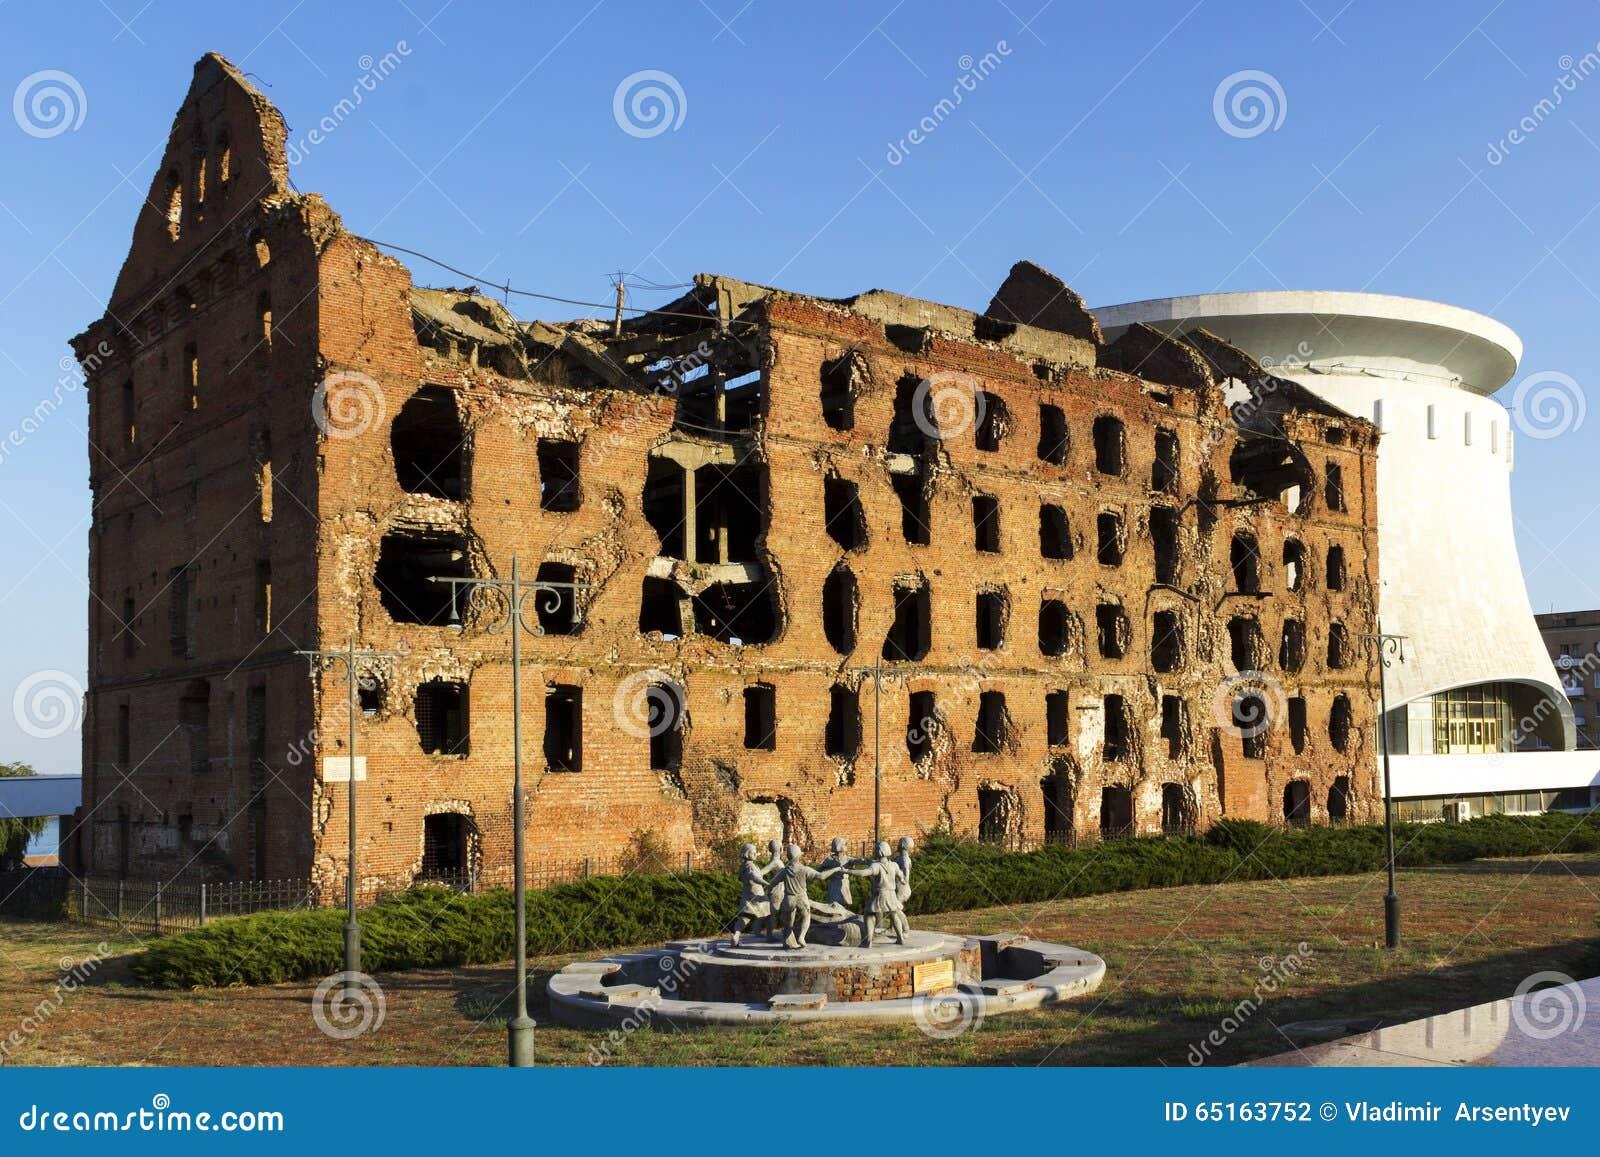 Ruined mill of Gergardt in Volgograd 74